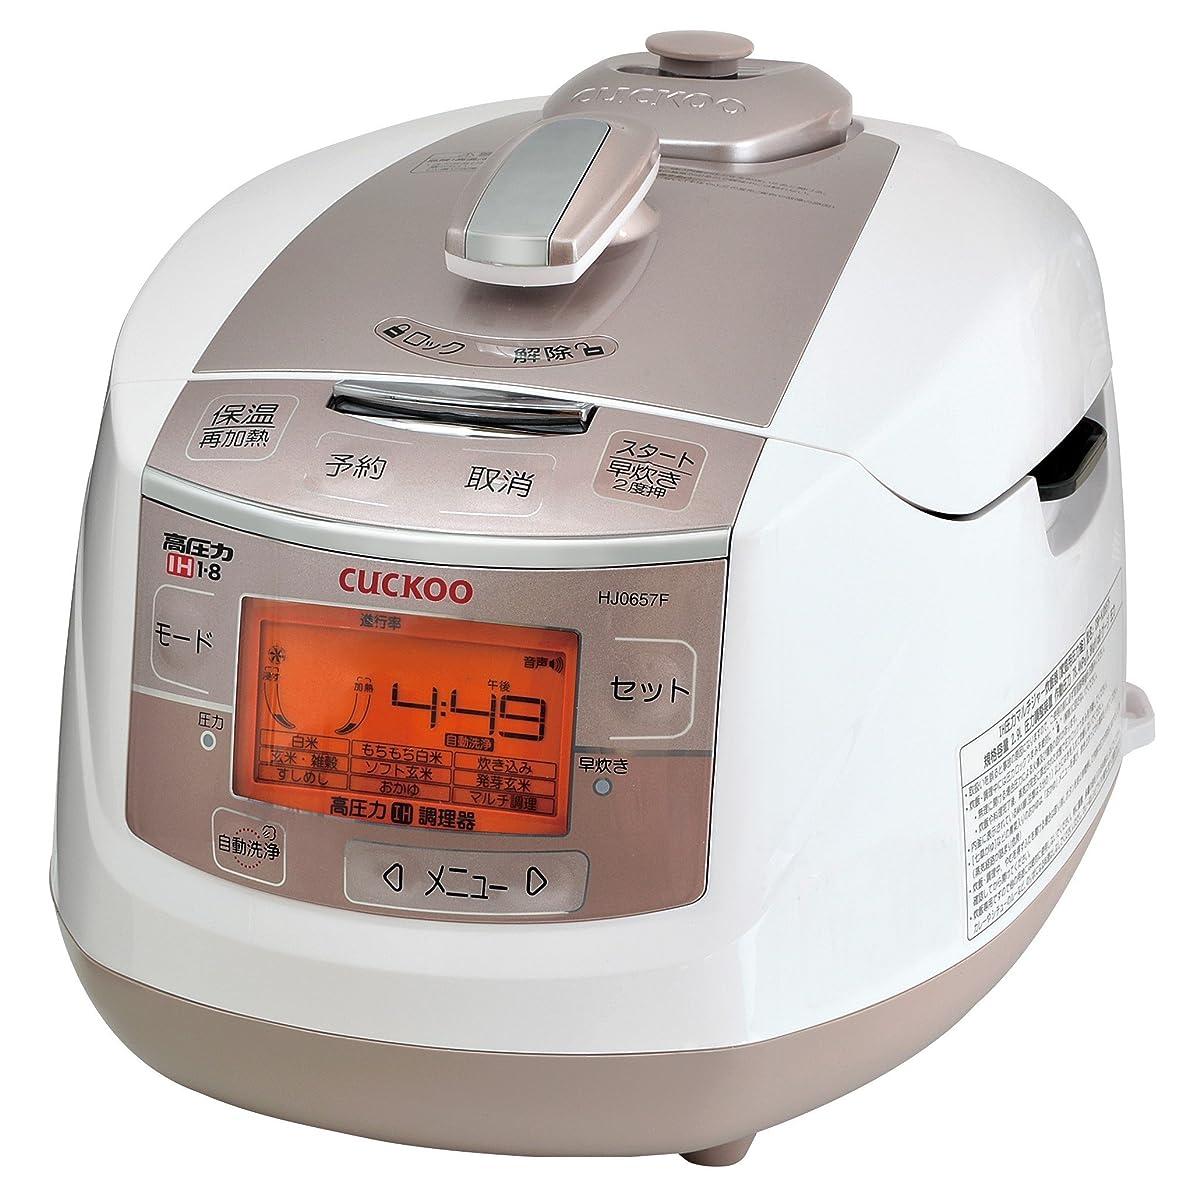 お風呂アシスタントレモン日本美健 IH式 炊飯器 クック高圧力炊飯調理器 cuckoo NEW 圧力名人 CRP-HJ0657F